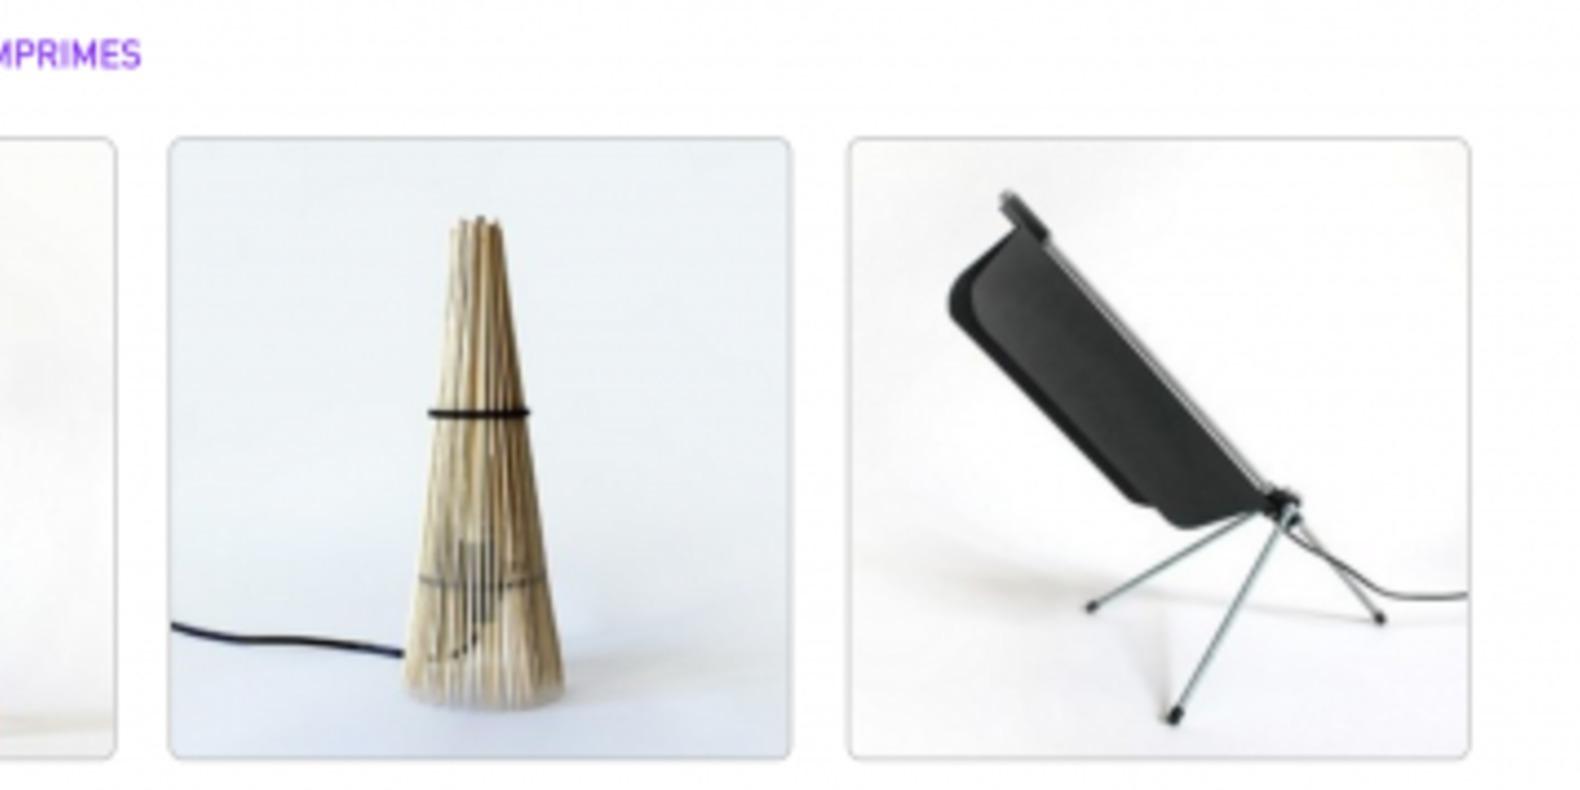 http://fichier3d.fr/wp-content/uploads/2017/01/Objets-Imprimés-fichier-3D-modèle-3D-impression-3D-imprimante-3D-3D-printing-3D-model-3D-file-Design-Design-3D12.png